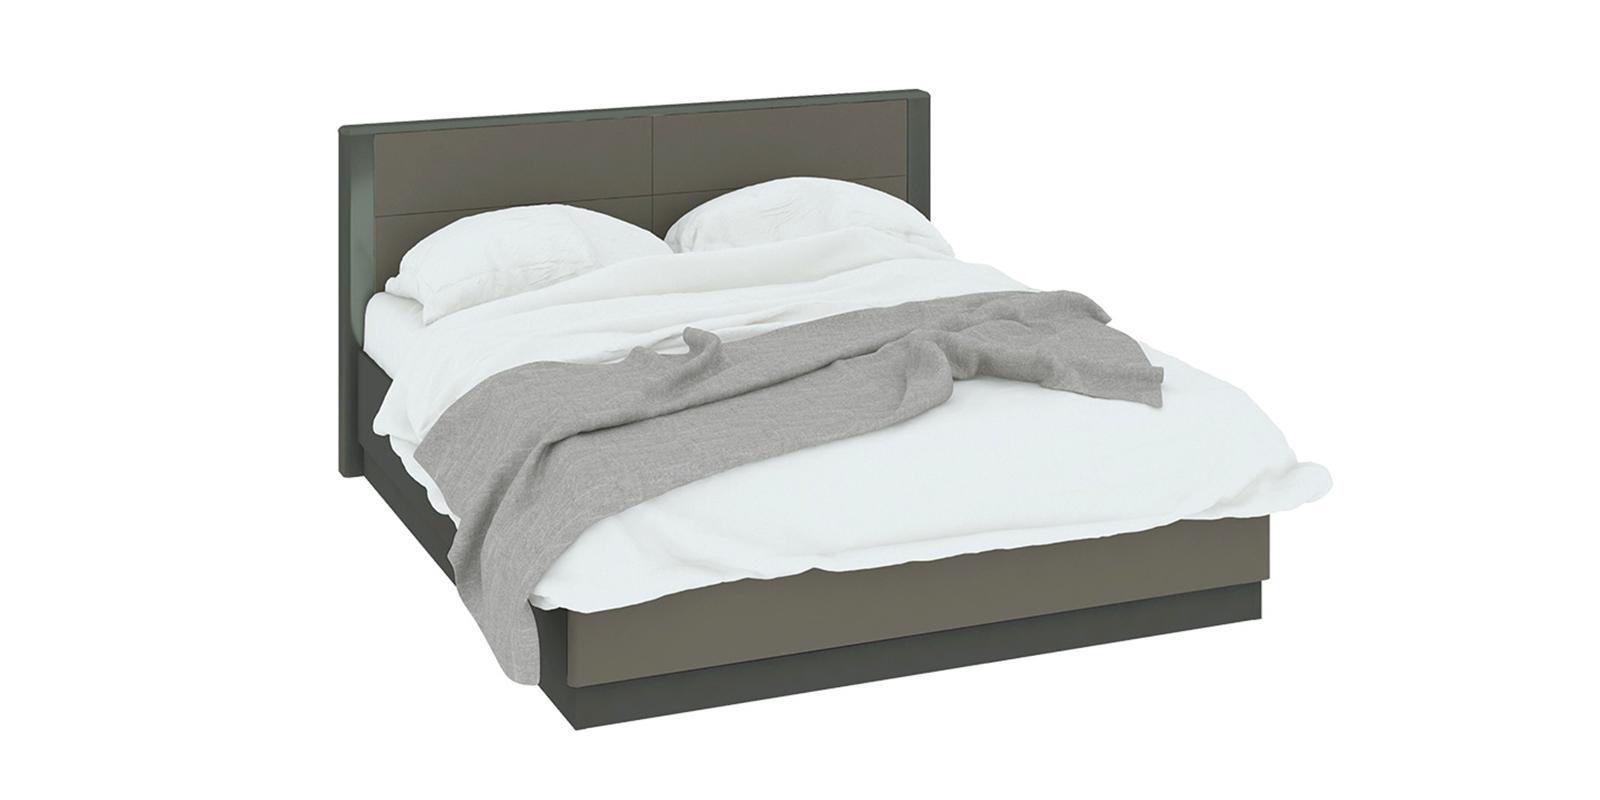 Кровать каркасная 200х160 Сорренто вариант №1 с подъемным механизмом (темно-серый/серый)